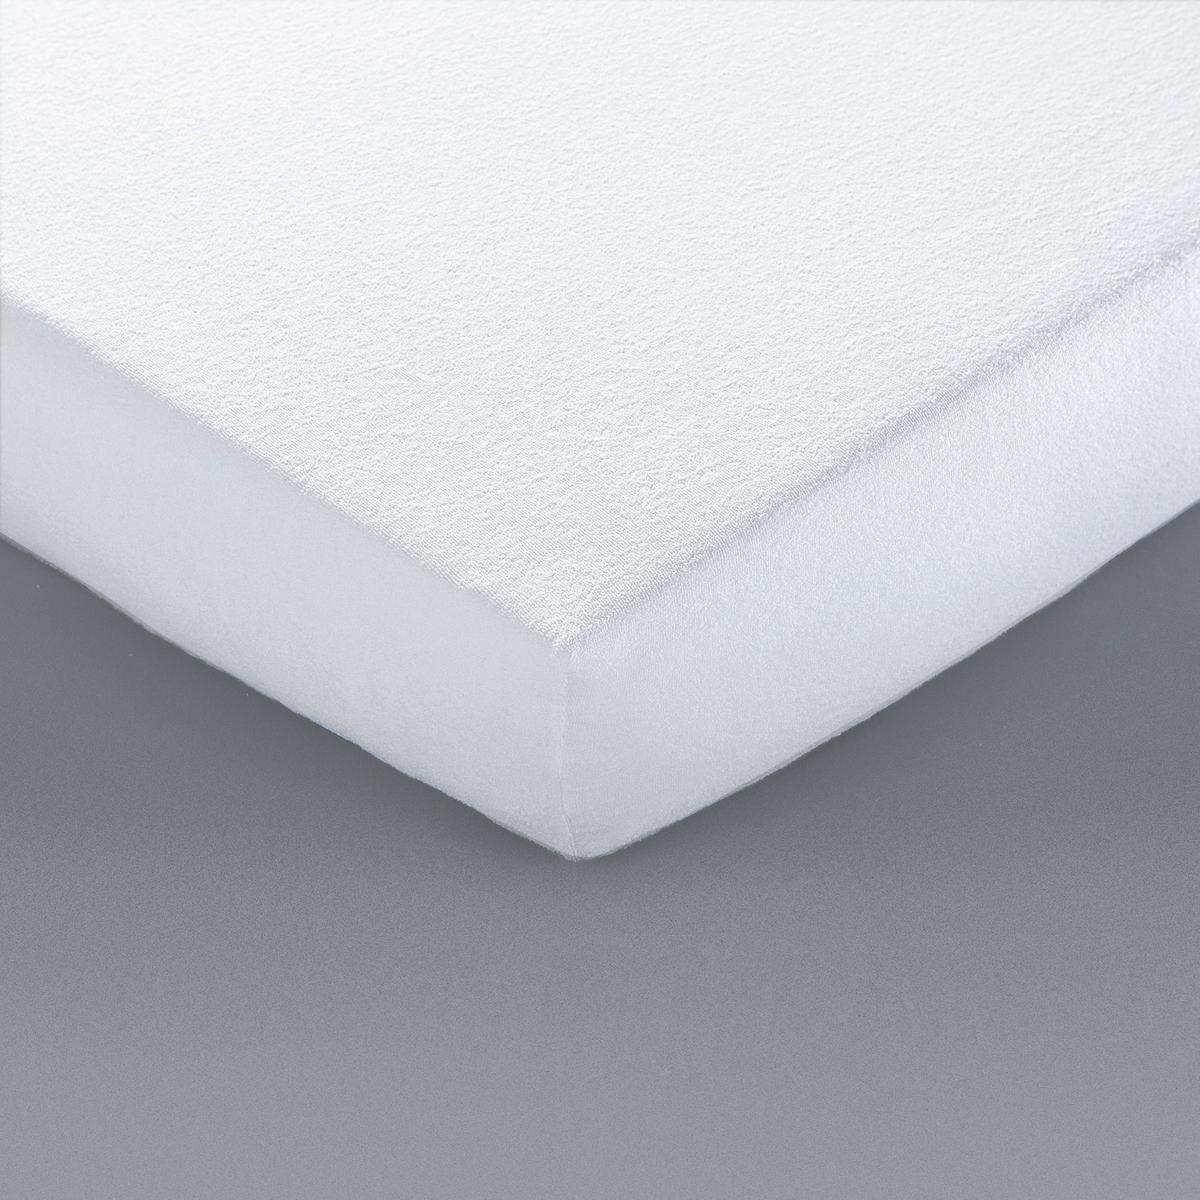 Чехол La Redoute Защитный для матраса собработкой BI-OME 60 x 120 см белый чехол la redoute защитный для матраса гм из махровой ткани с непромокаемым покрытием из пвх 60 x 120 см белый